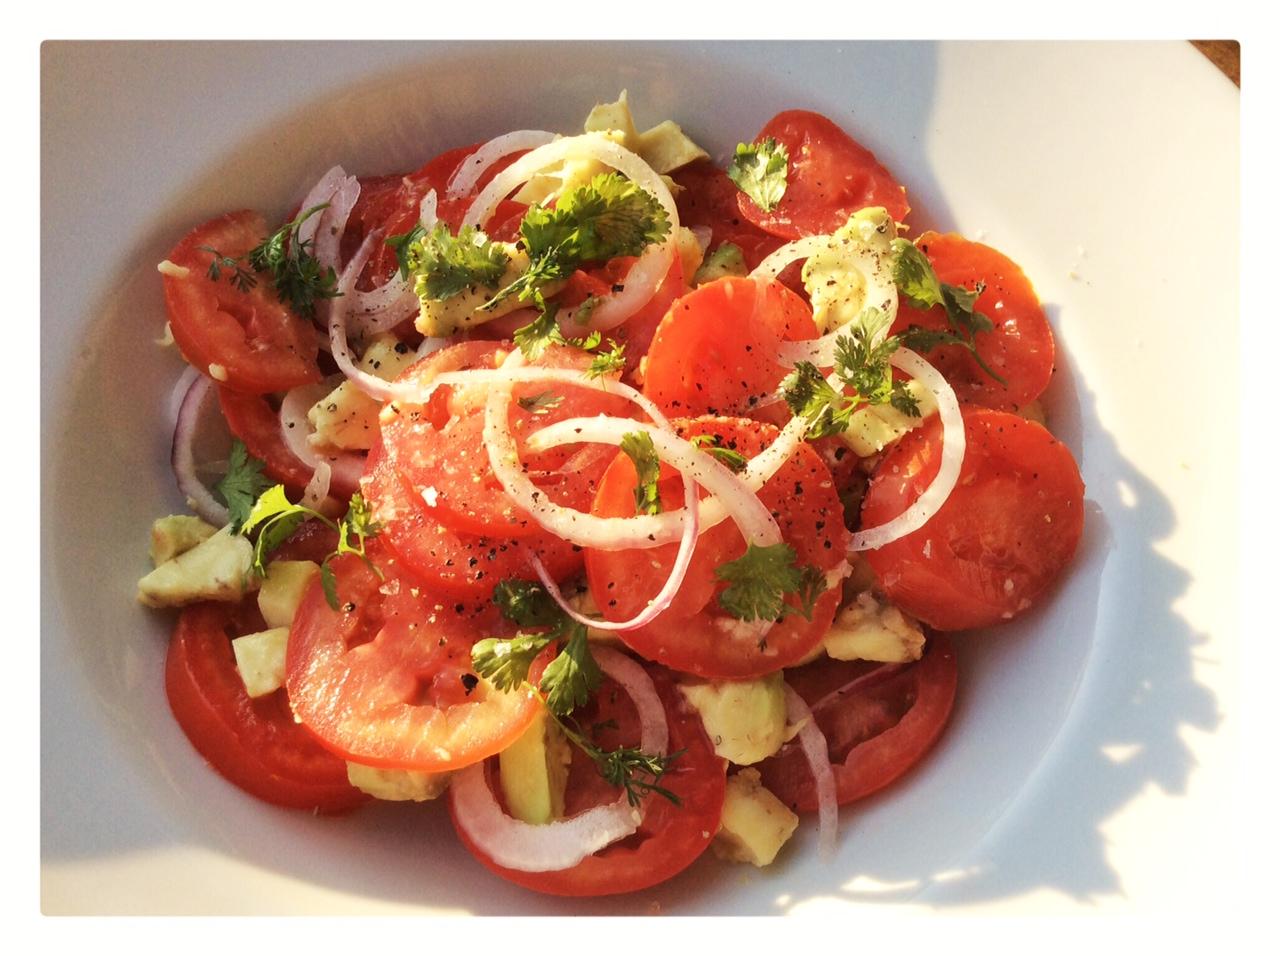 piatto con insalata di pomodori, cipolle, avocado e foglie verdi